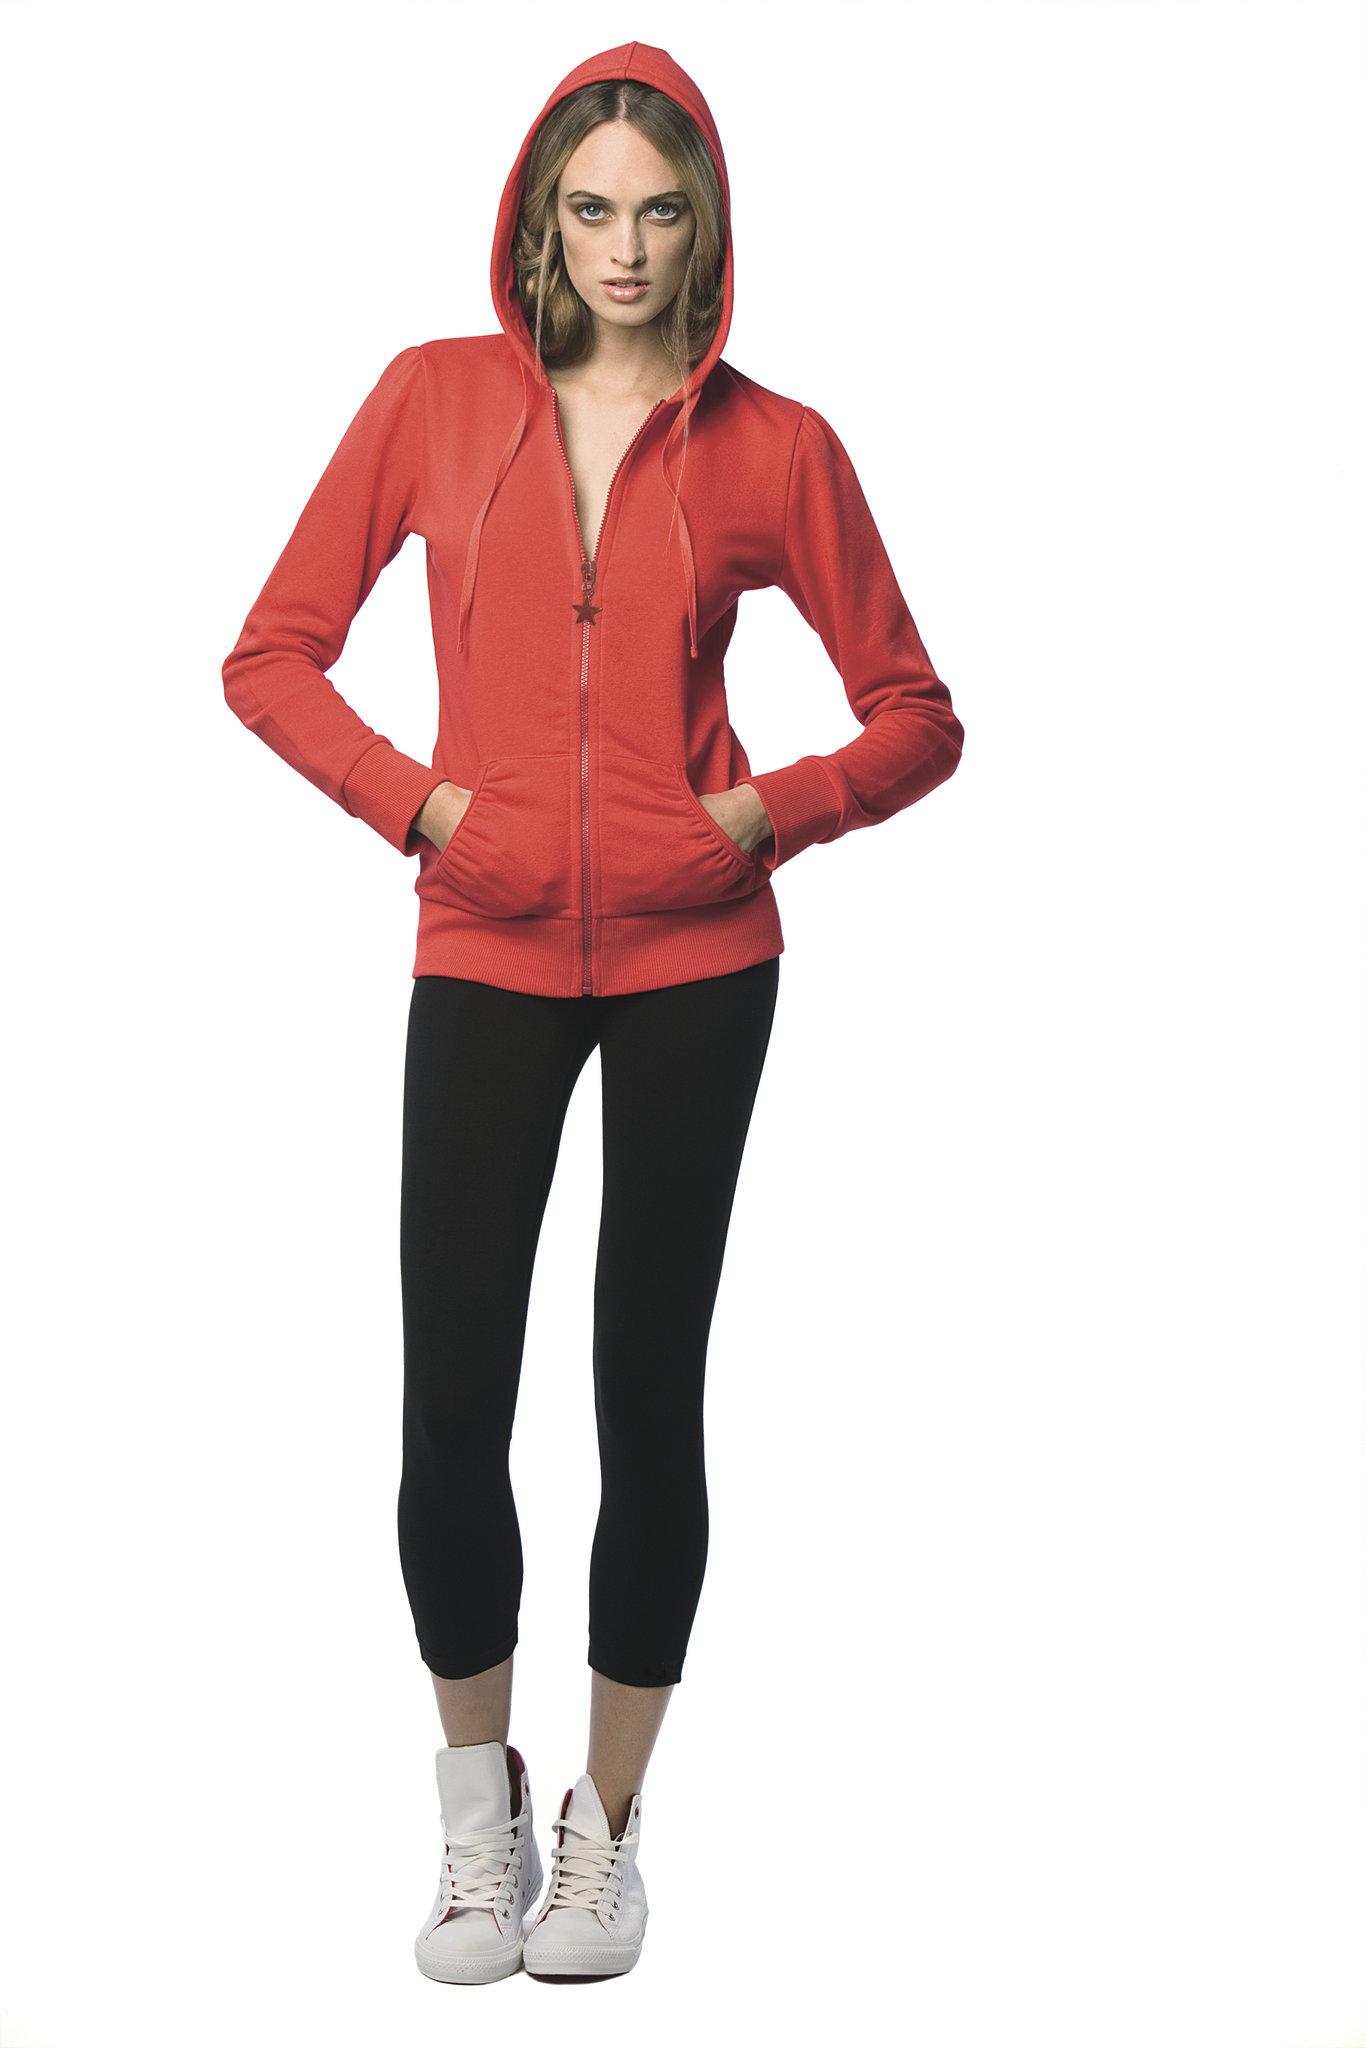 Sweatshirt personnalisable Wonder navy - sweatshirt publicitaire